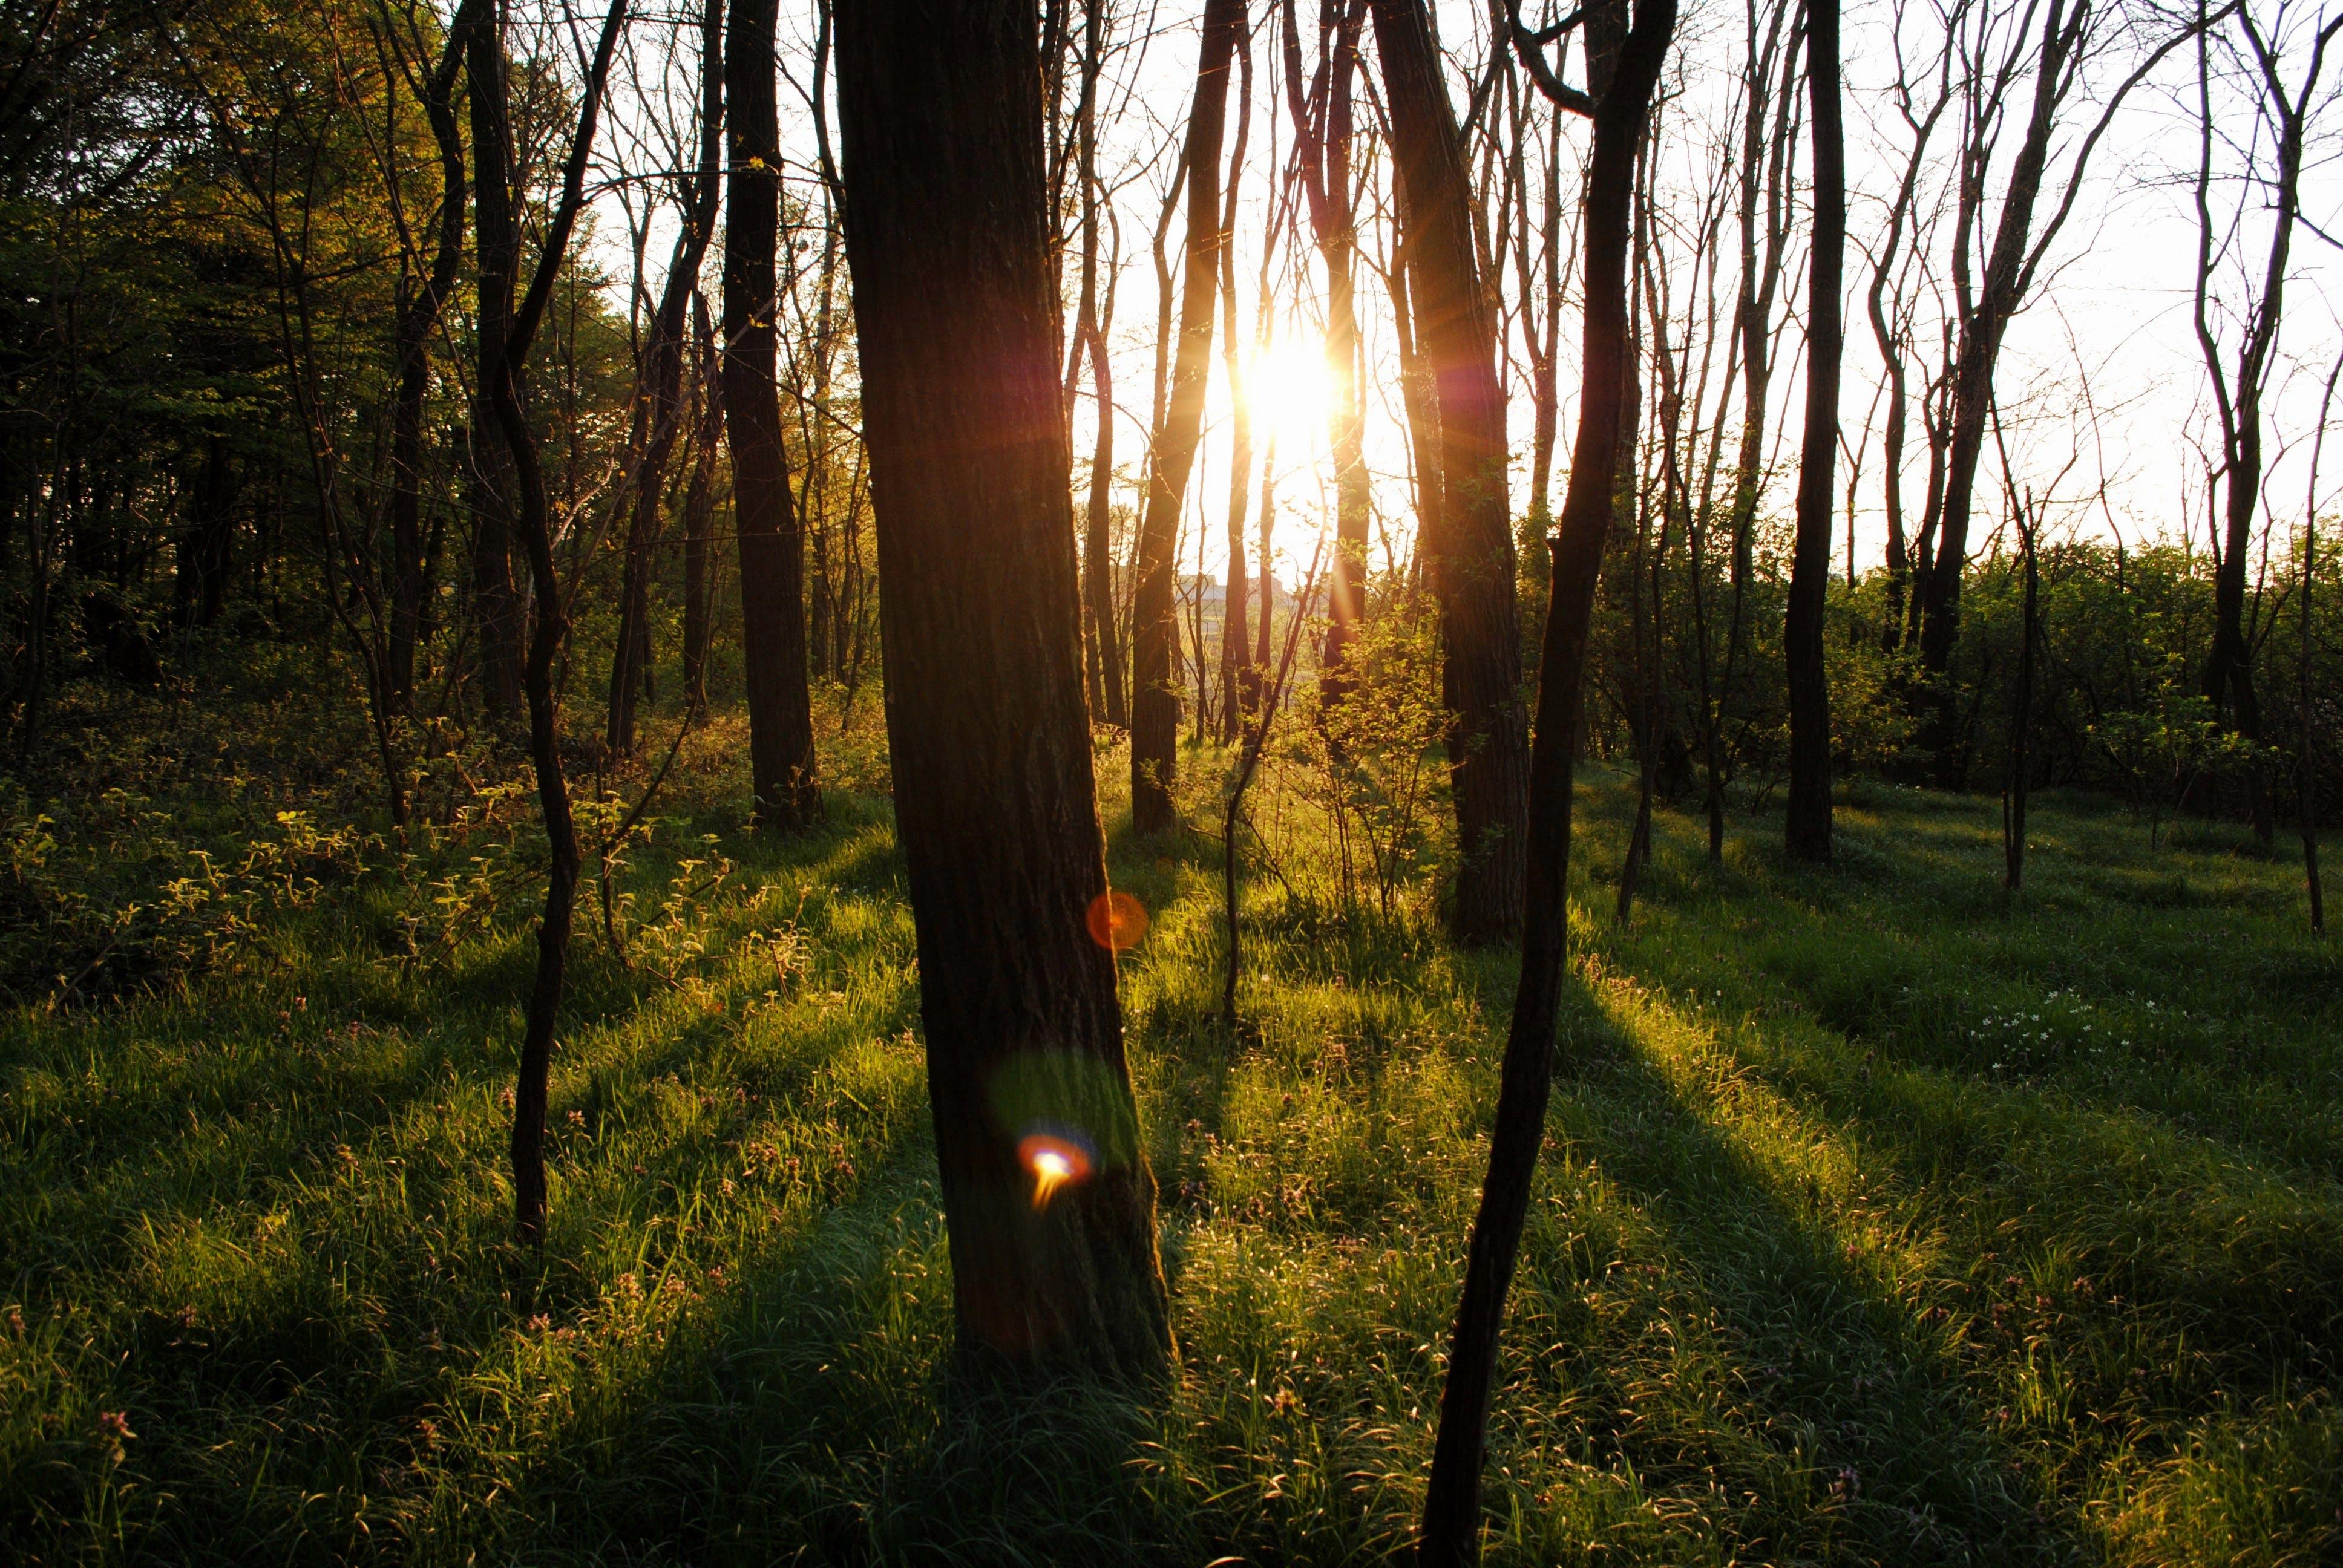 Fotos de stock gratuitas de arboles, bosque, brillante, césped